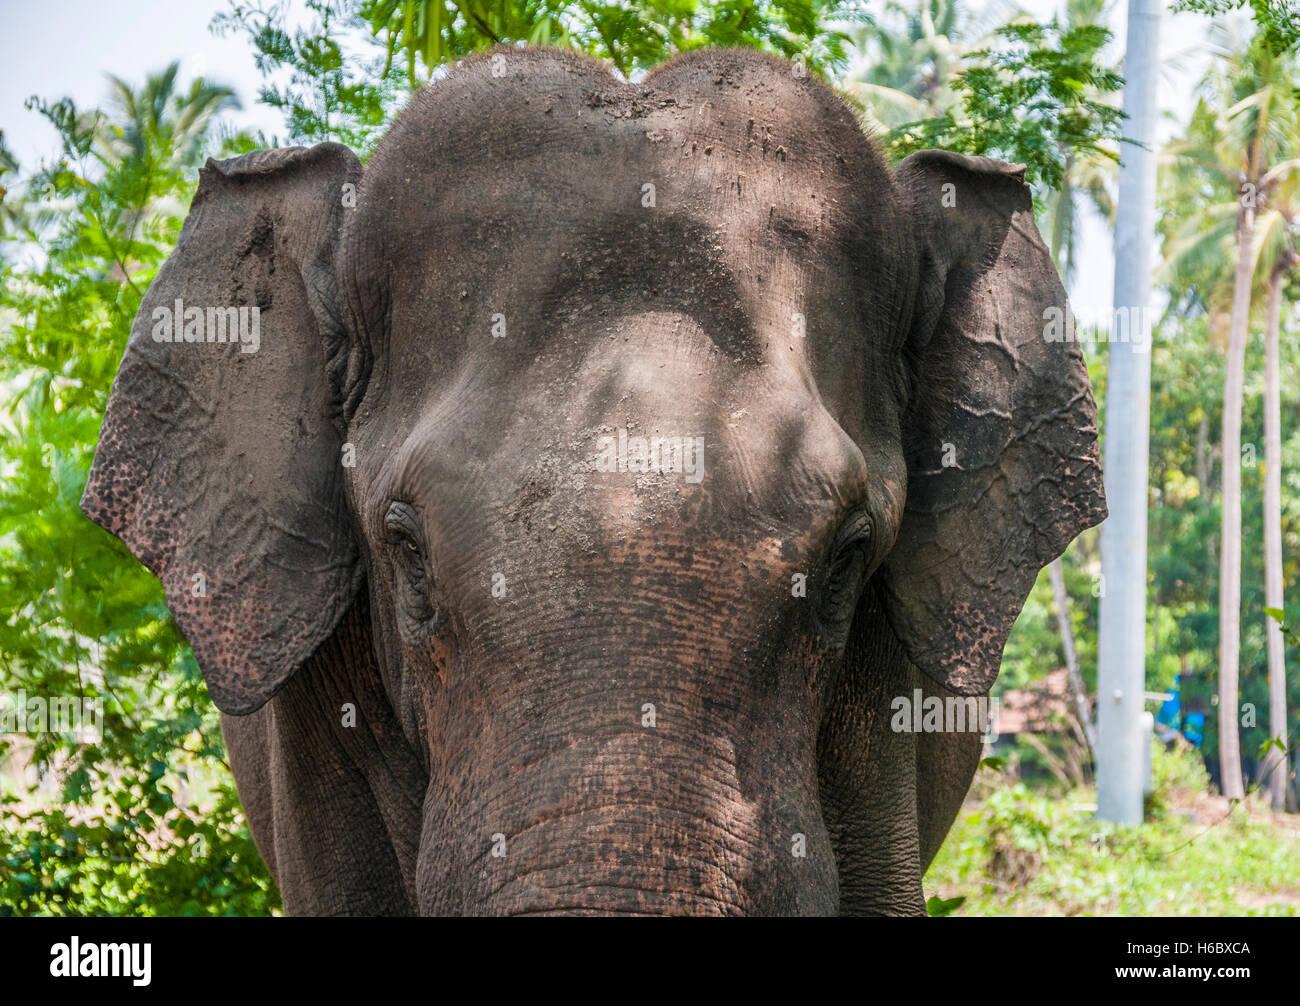 Elephant Sanctuary Kerala Stock Photos & Elephant ...